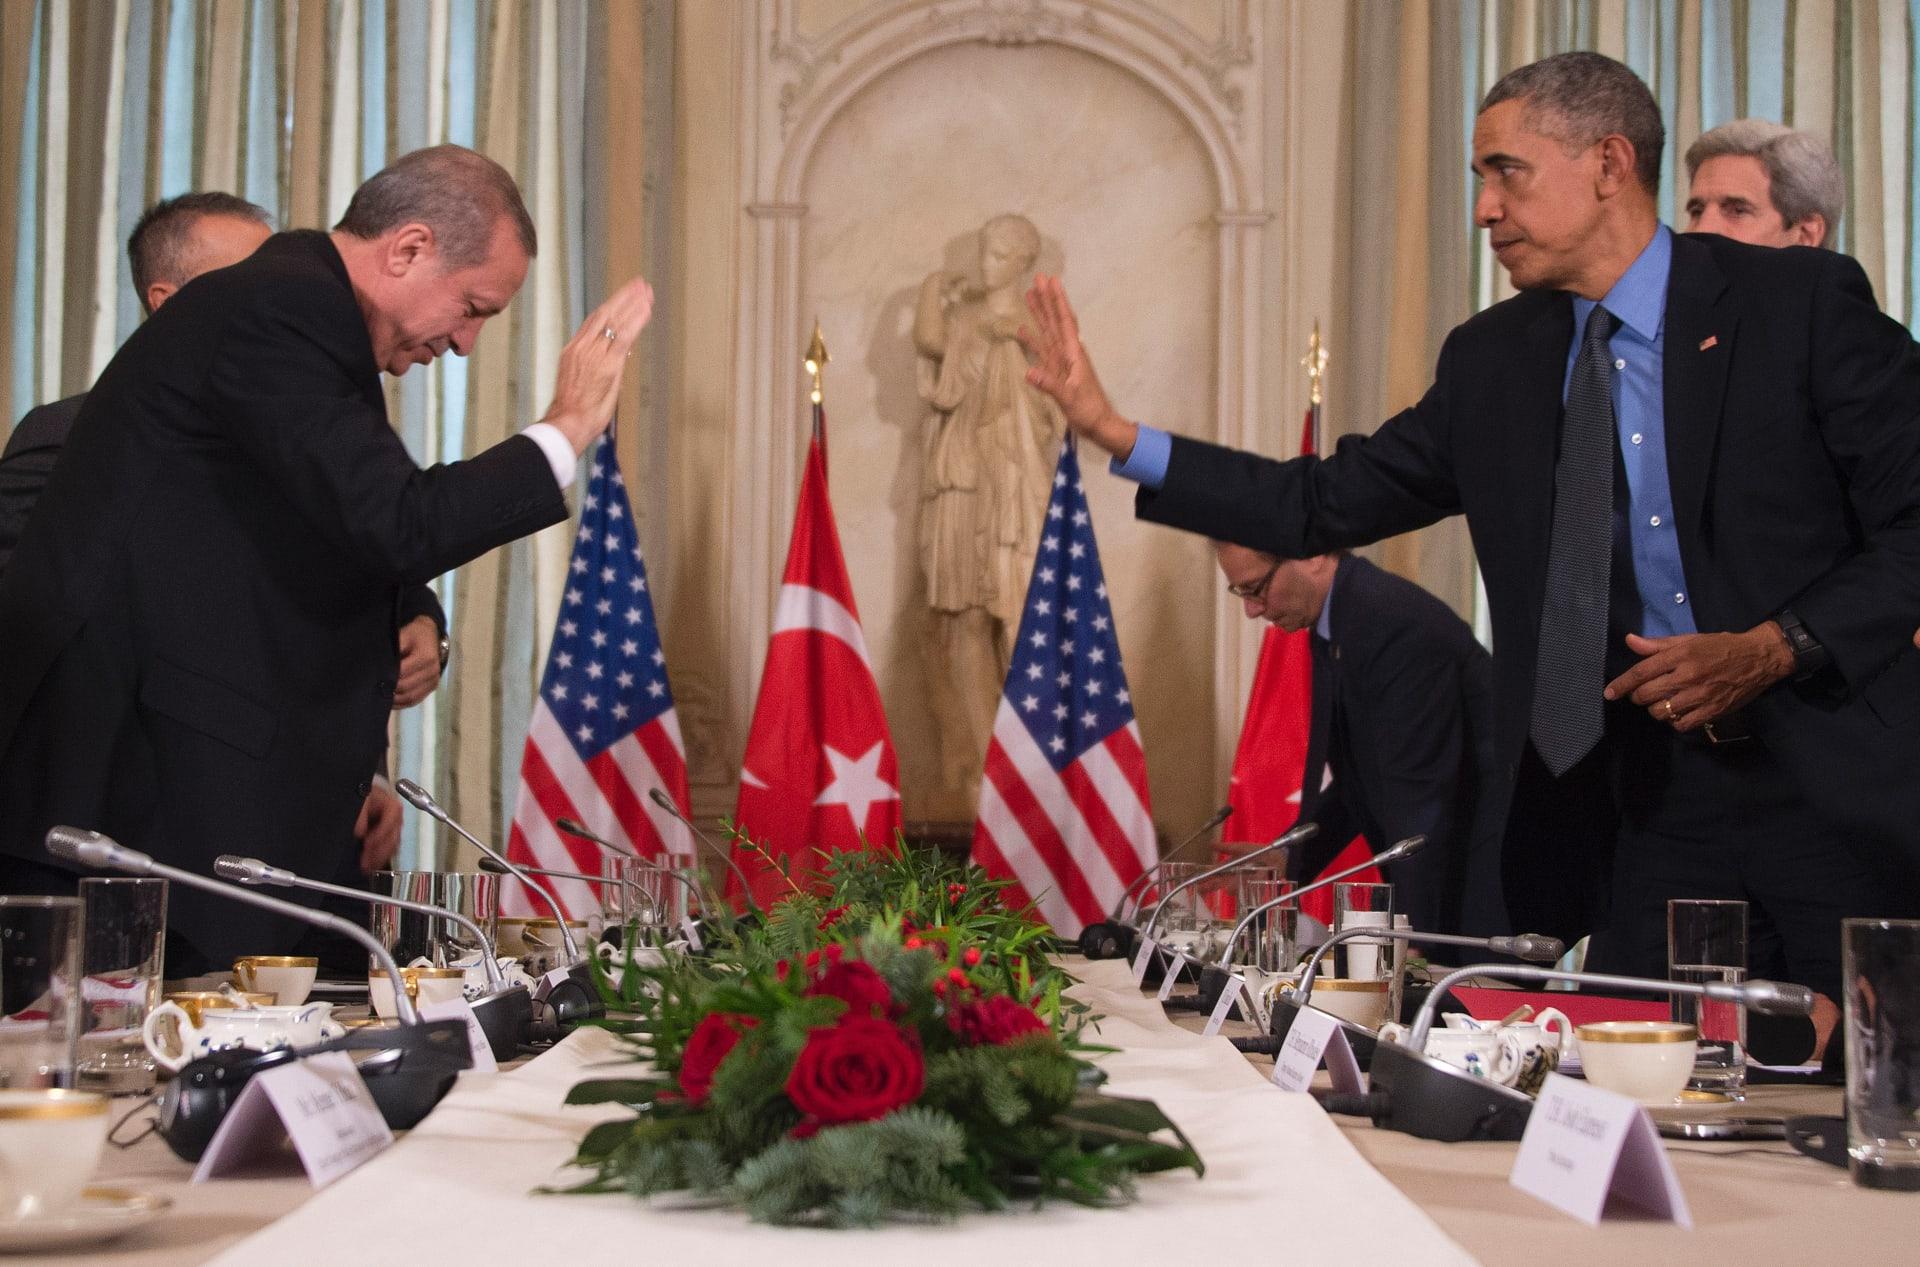 """""""سيلتزم بالديمقراطية ما دامت تضمن له السلطة"""".. أوباما يوضح سبب شكوكه بأن يجسد أردوغان نموذجا لـ""""الإسلام المعتدل"""""""